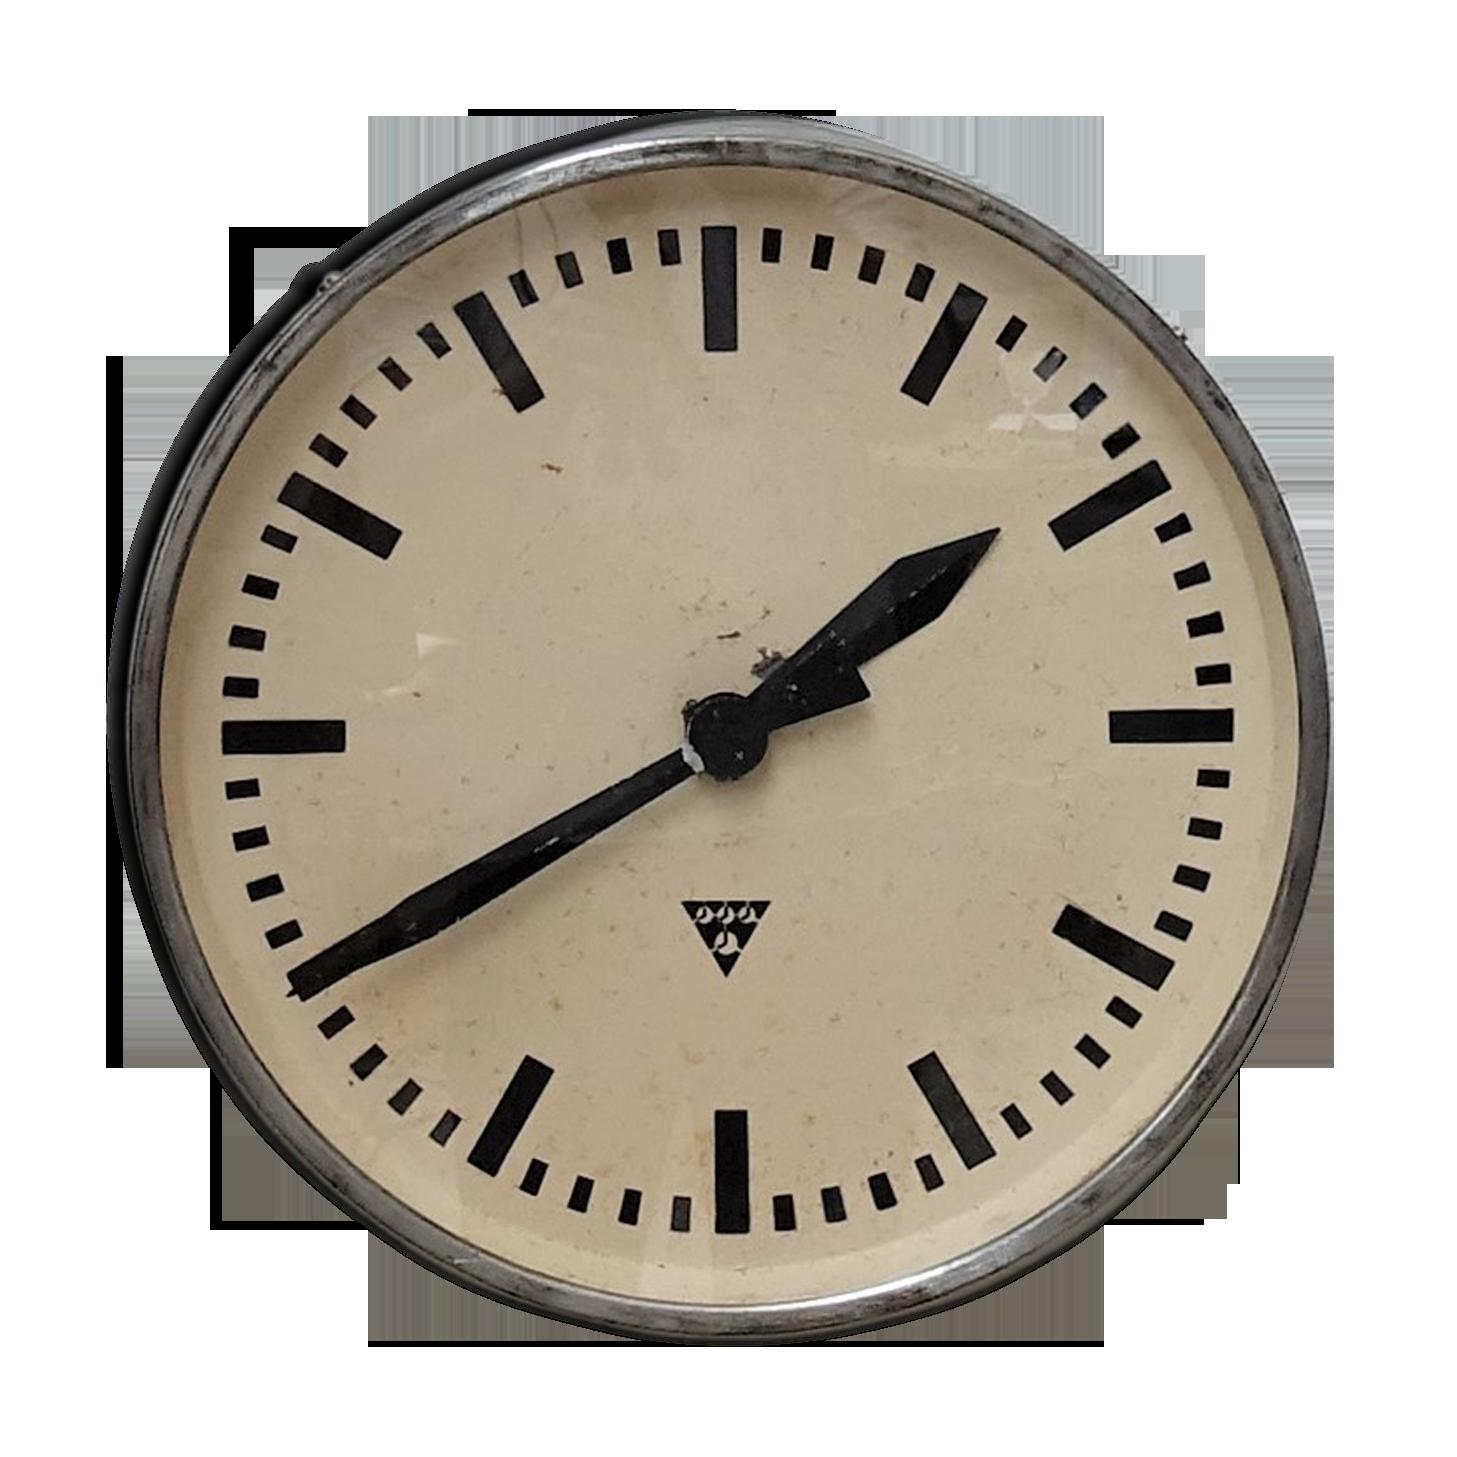 Horloge Murale Double Cadran avec Potence de Fixation Pendule Double Face pour L/'int/érieur et L/'ext/érieur Maison Jardin Cuisine Cour S/éjour Iglobalbuy Horloge de Gare R/étro Noire